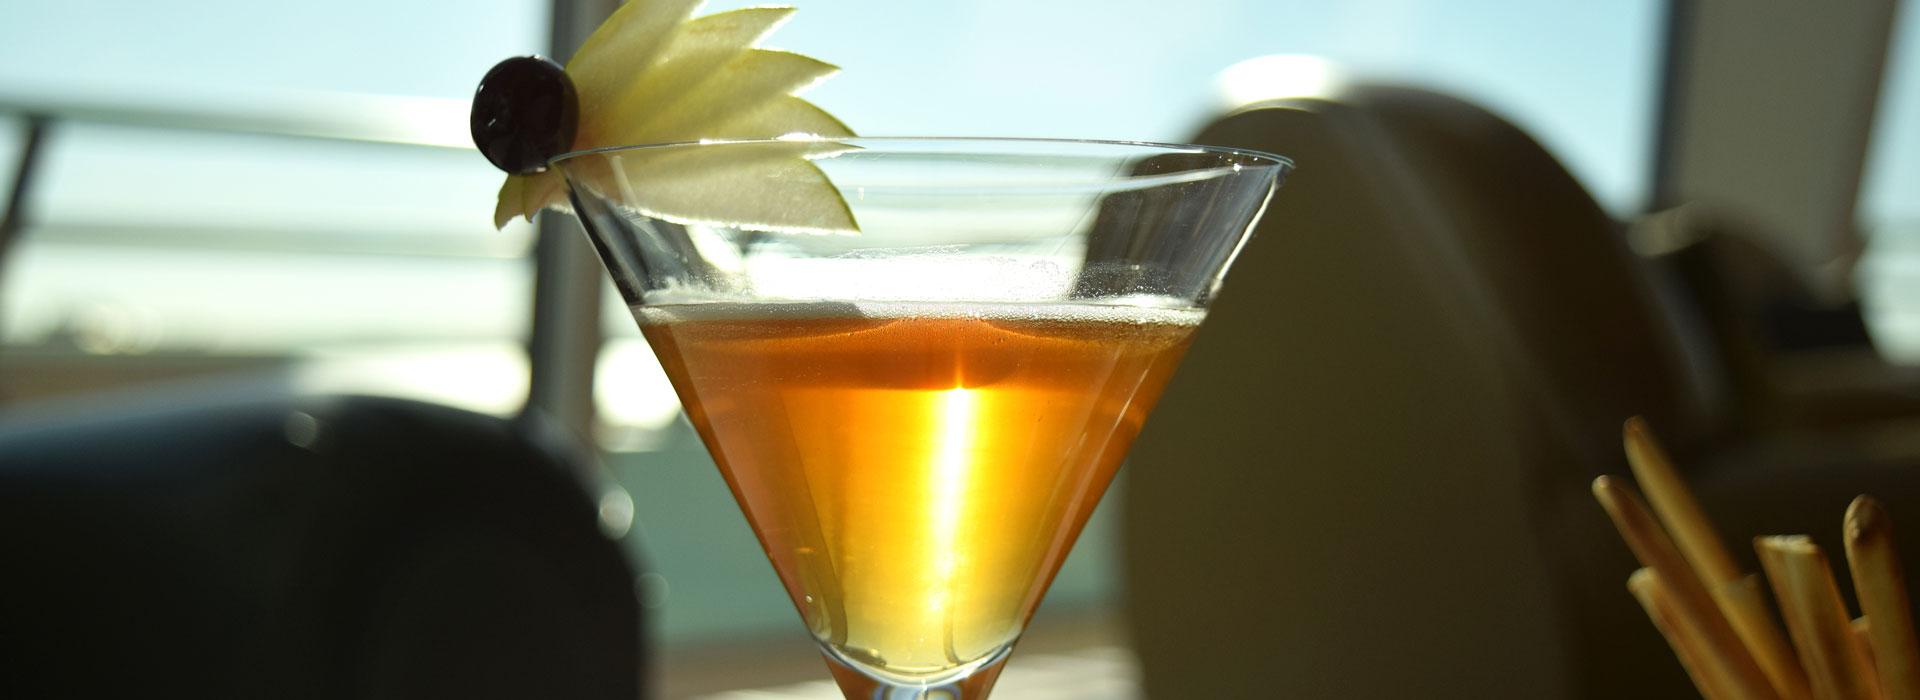 Cocktail Tatin Miramar Crouesty pour la fête des grands-mères